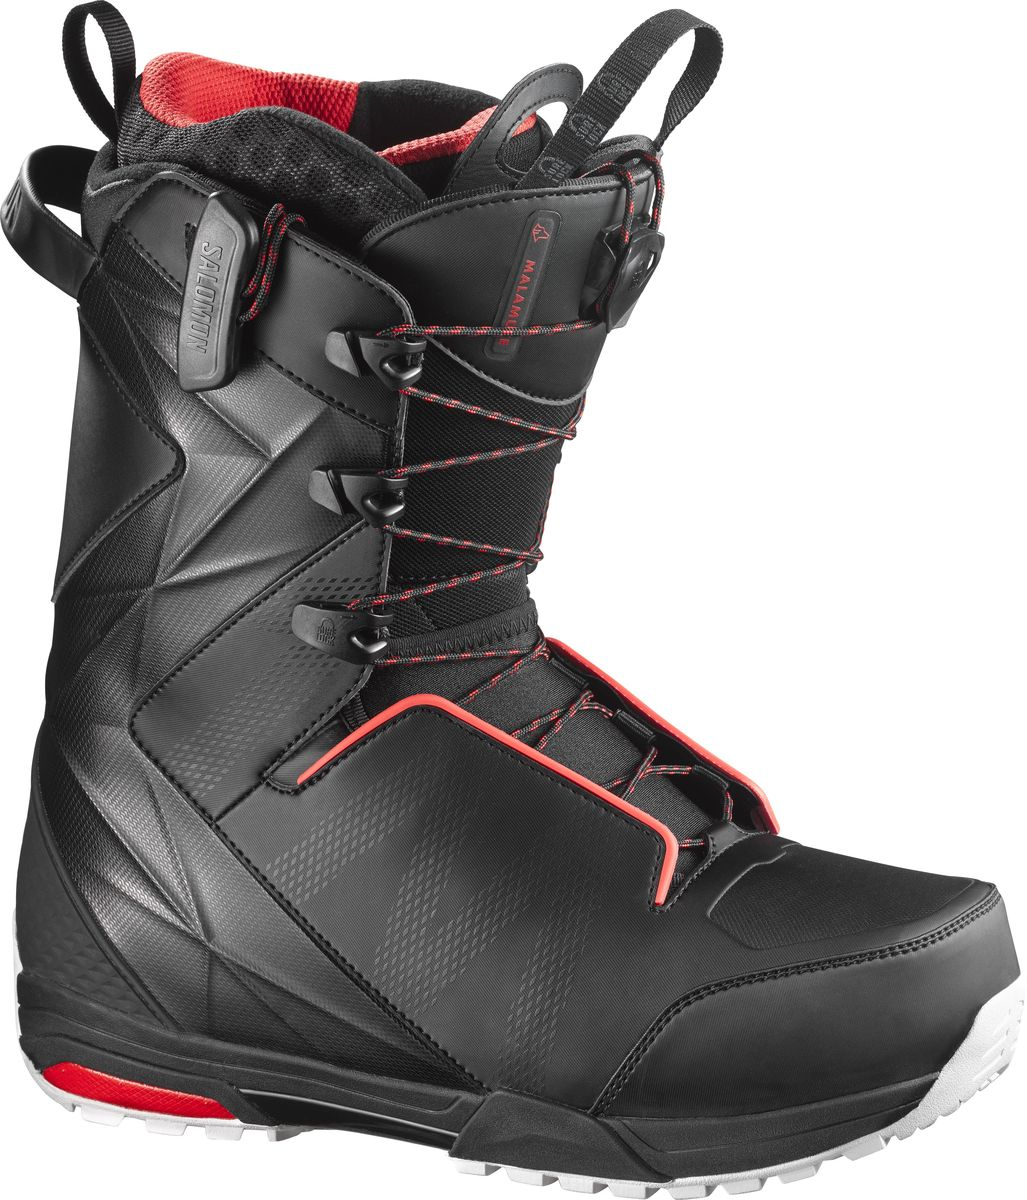 Ботинки для сноуборда Salomon Malamute, цвет: черный. Размер 28,5 (43,5)L39359500Самые гибкие ботинки для сноубординга Salomon Malamute с непревзойденной поддержкой поставляются в комплекте с новой стелькой двойной плотности Ortholite C3, которую отличают пена с эффектом памяти и пяточная чашка из сополимера EVA, и внутренним ботинком Platinum 4D для максимально комфортного катания. Встроенный ремешок задника Integrated Heel-Strap, вставка Power Frame и Energizer Bars обеспечивают индивидуальную и четкую посадку по ноге. В модели используются подошва Hike, гарантирующая отличное сцепление, и знаменитая шнуровка PowerLock, которая отлично фиксирует ногу.Как выбрать сноуборд. Статья OZON Гид